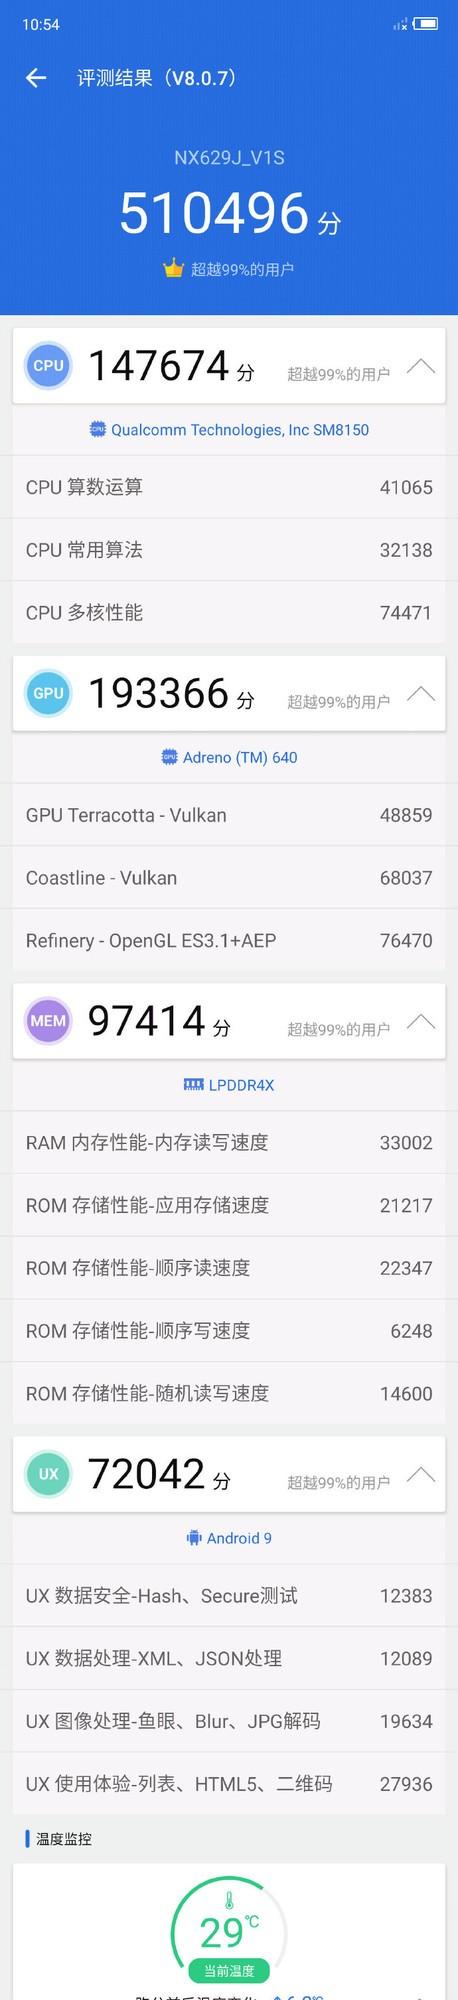 红魔3S安兔兔跑分曝光 90Hz屏幕跑分超51万